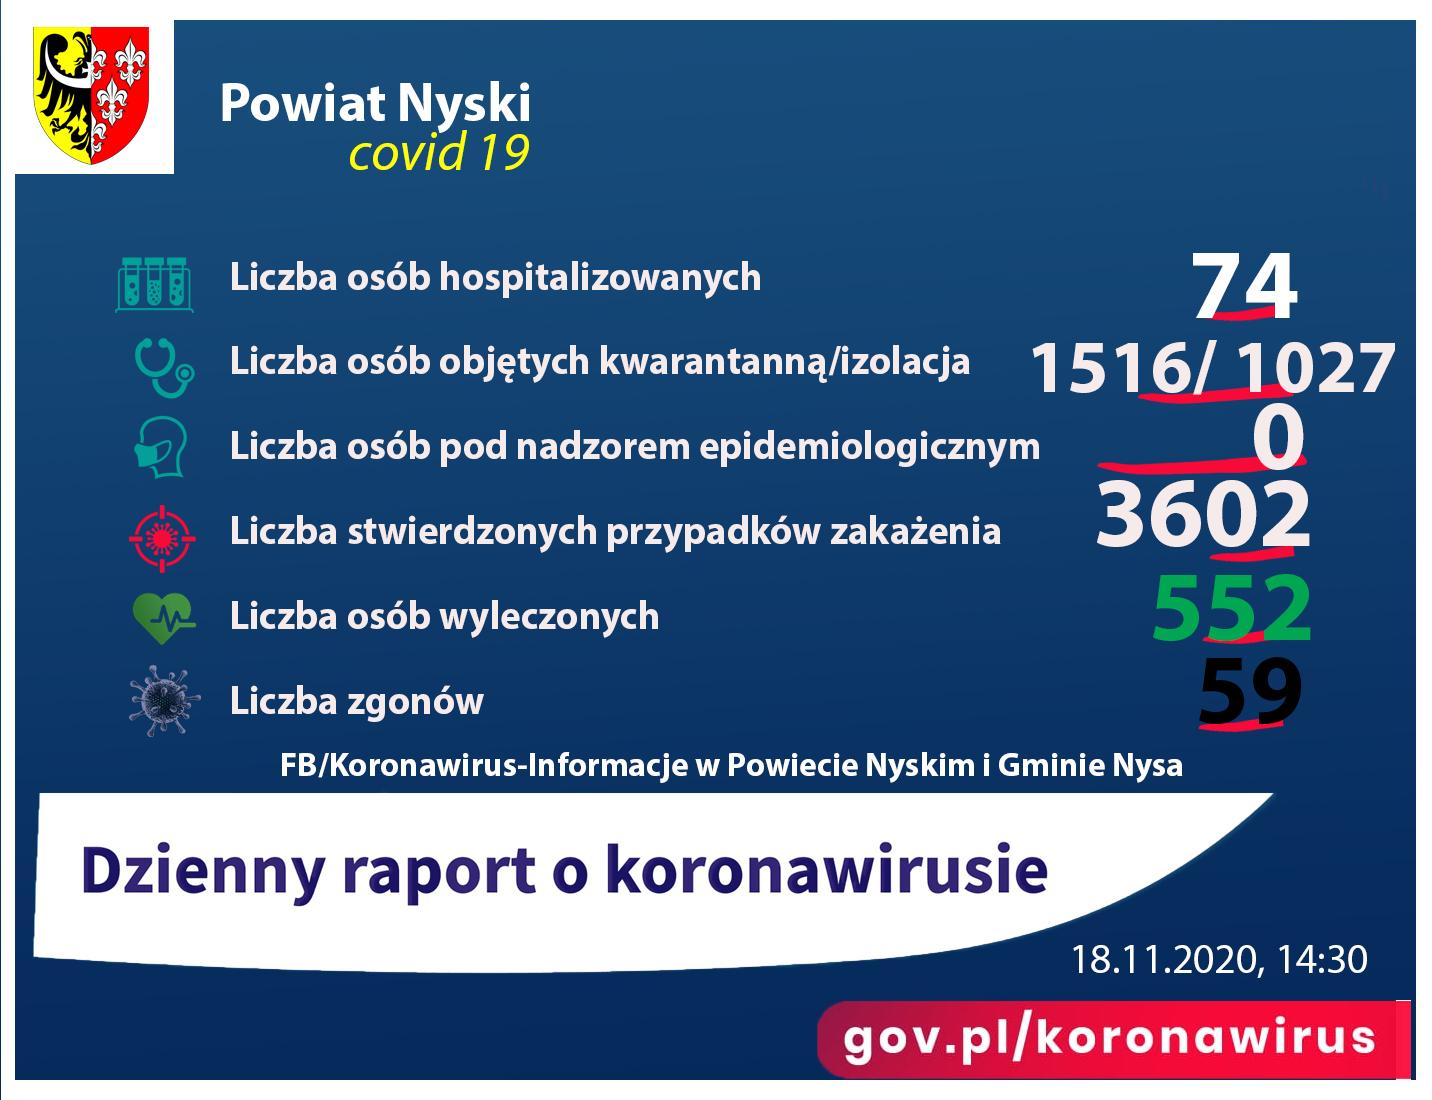 Liczba osób zakażonych 3602, hospitalizowanych - 74, ozdrowieńców - 552, zgonów 59